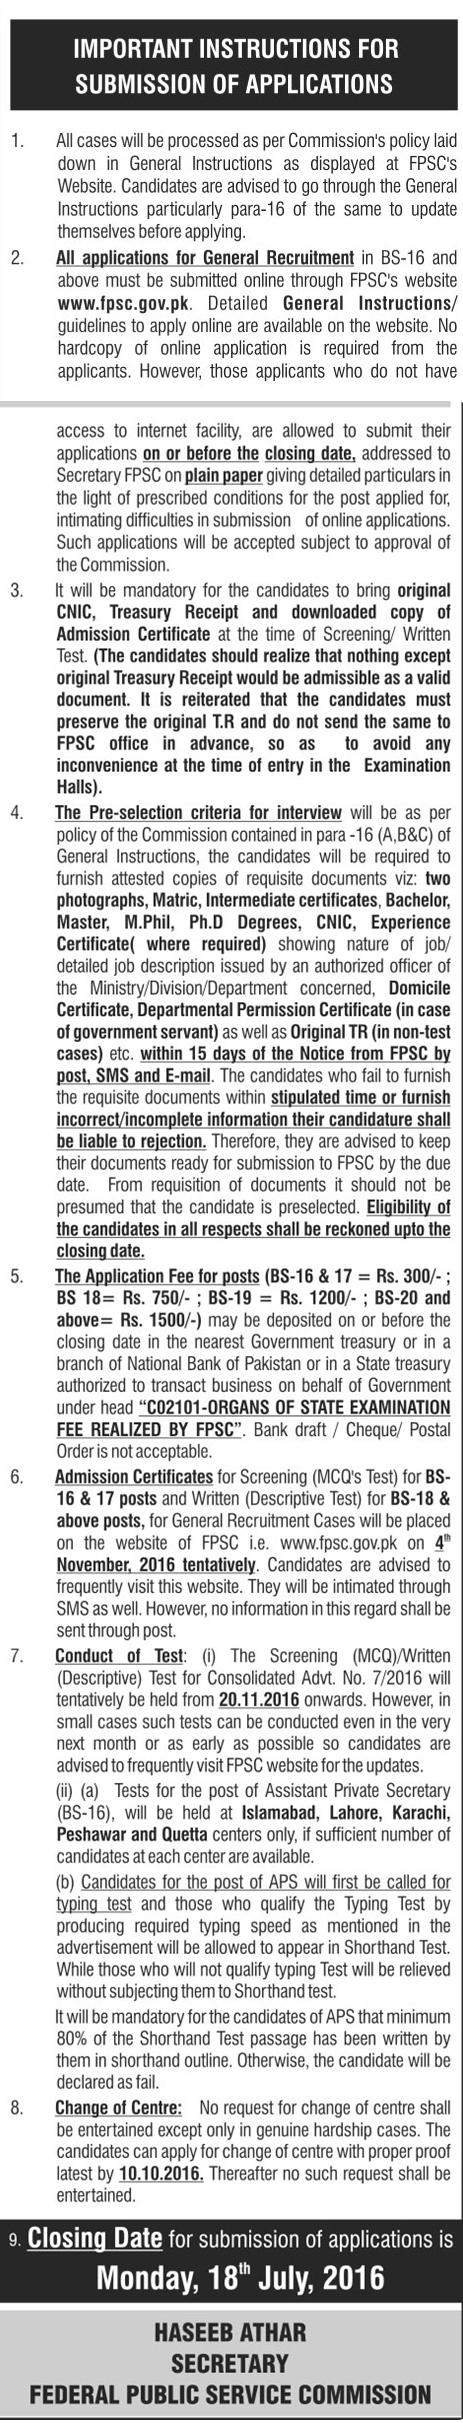 fpsc charge nurse jobs apply online last date advertisement fpsc charge nurse jobs 2016 apply online last date advertisement docx